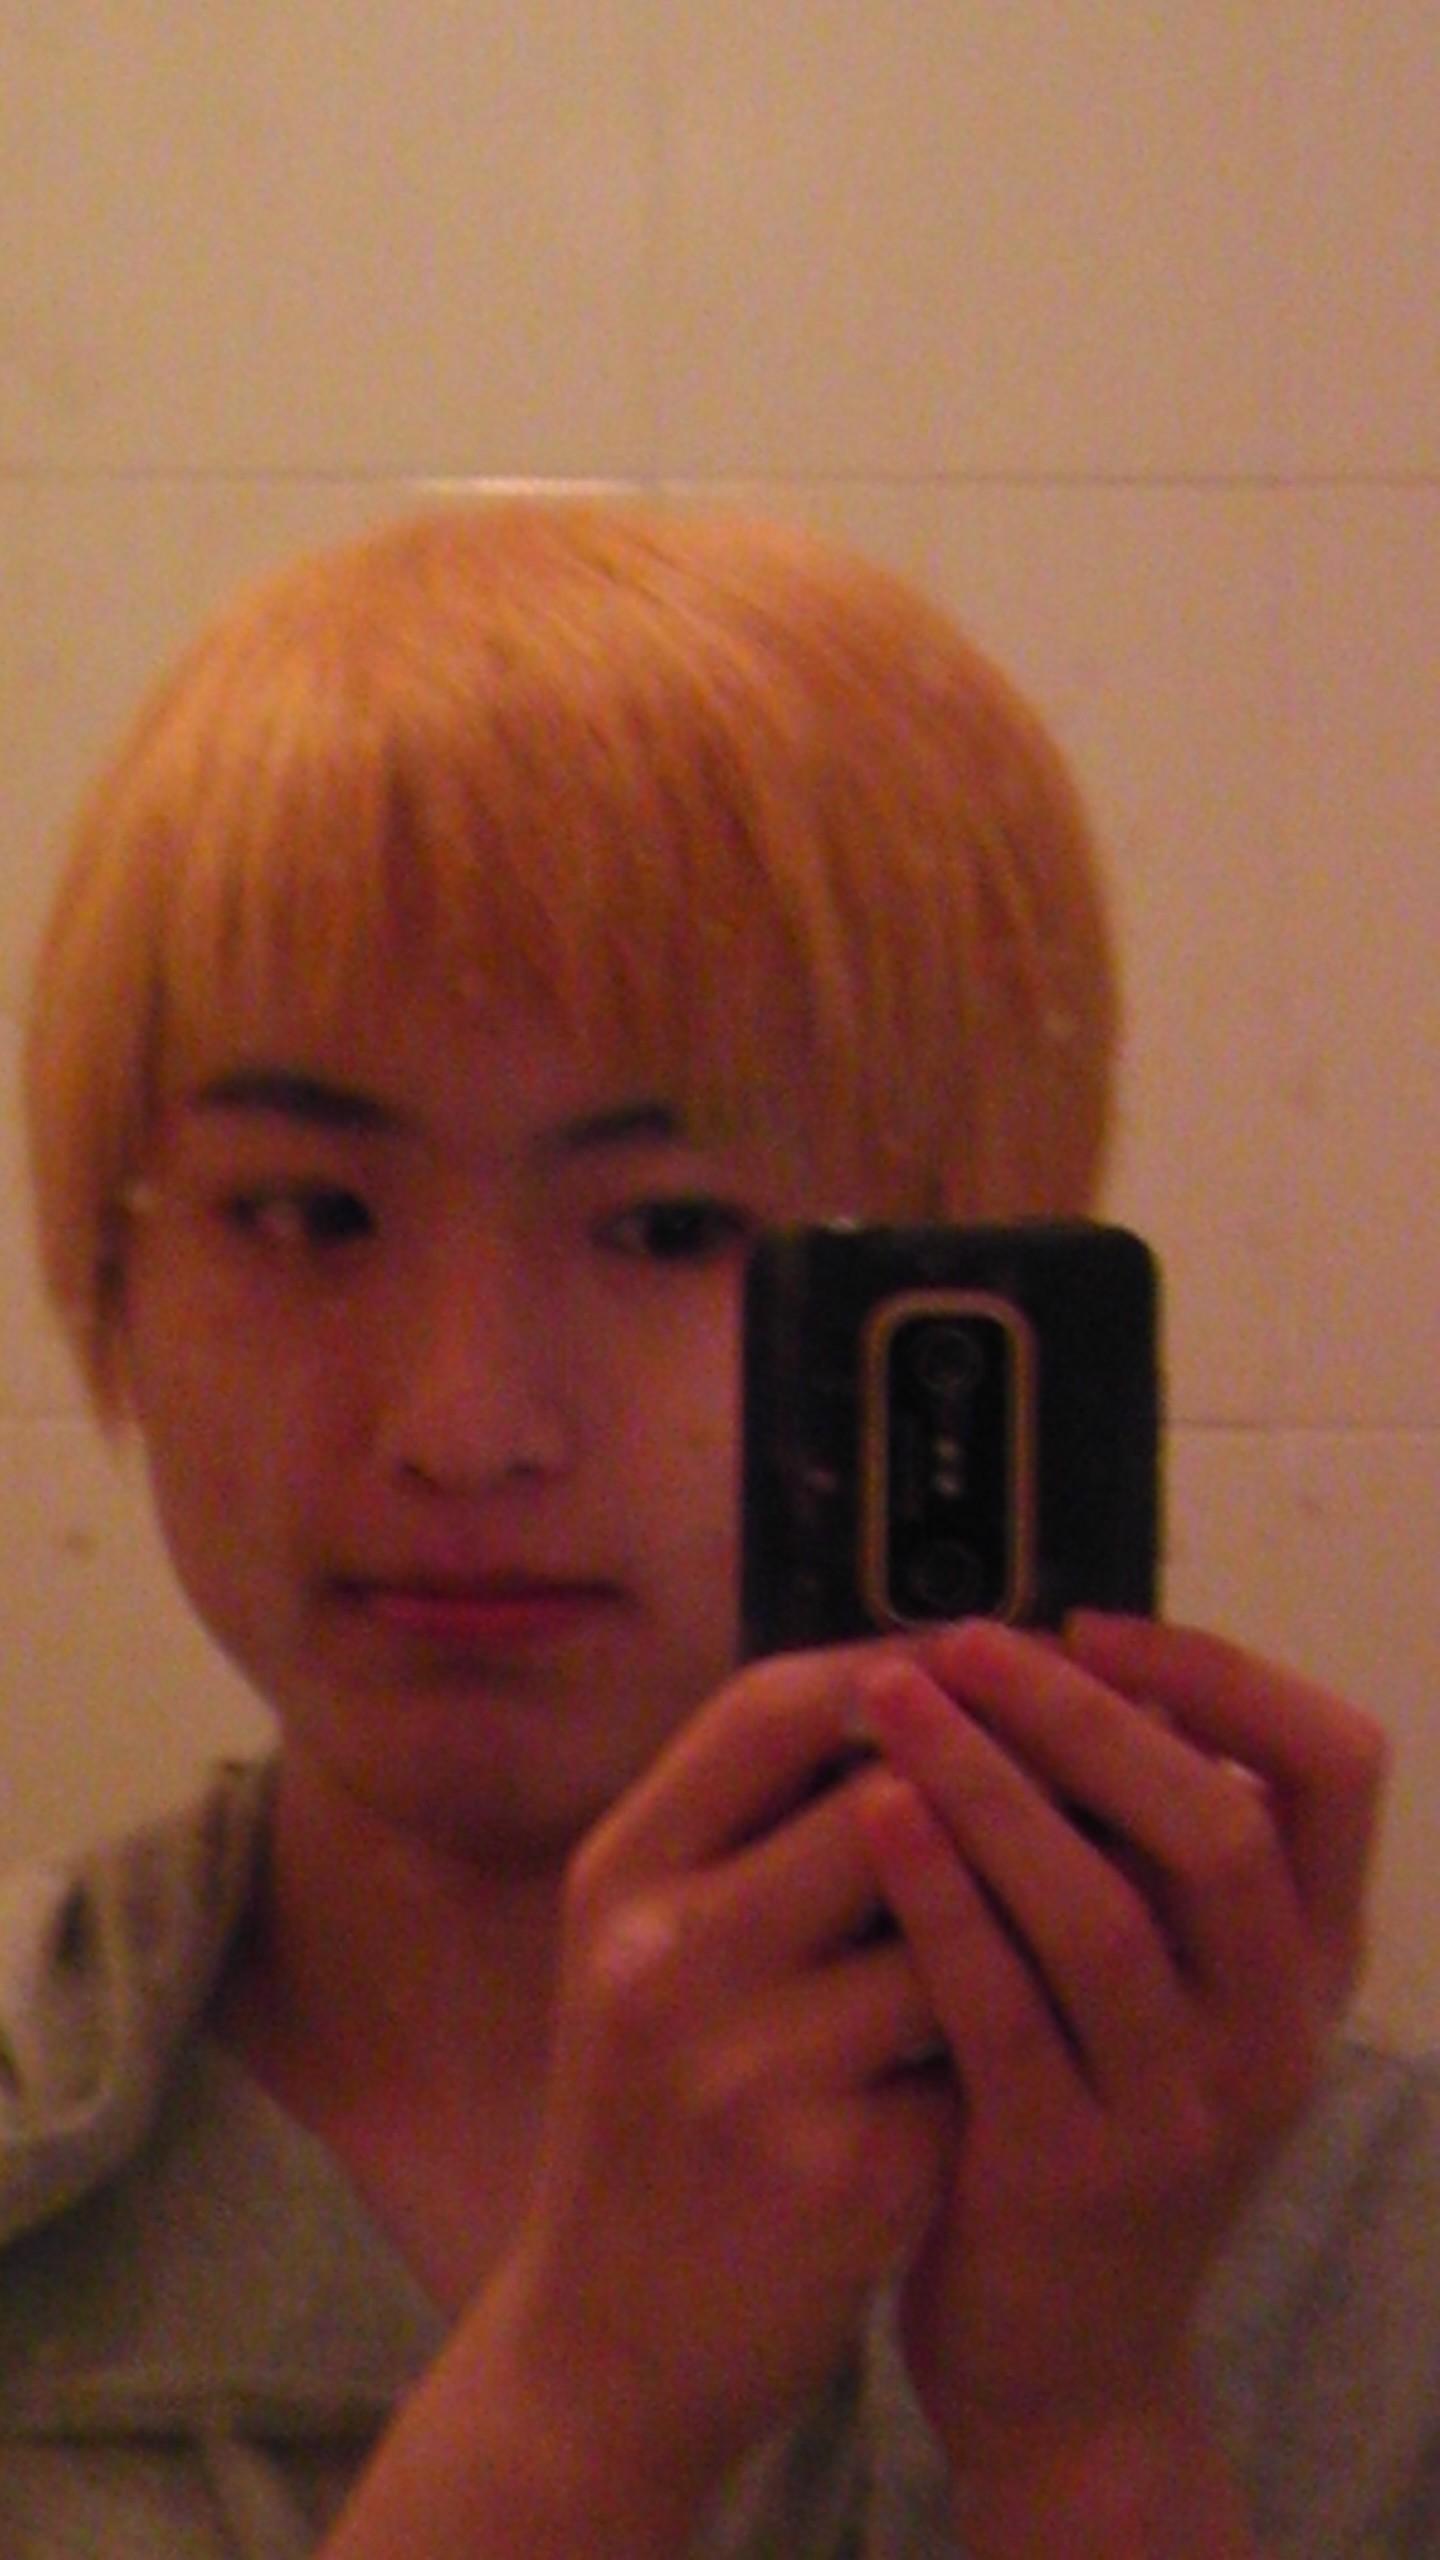 头发被剪掉了……tat……&图片